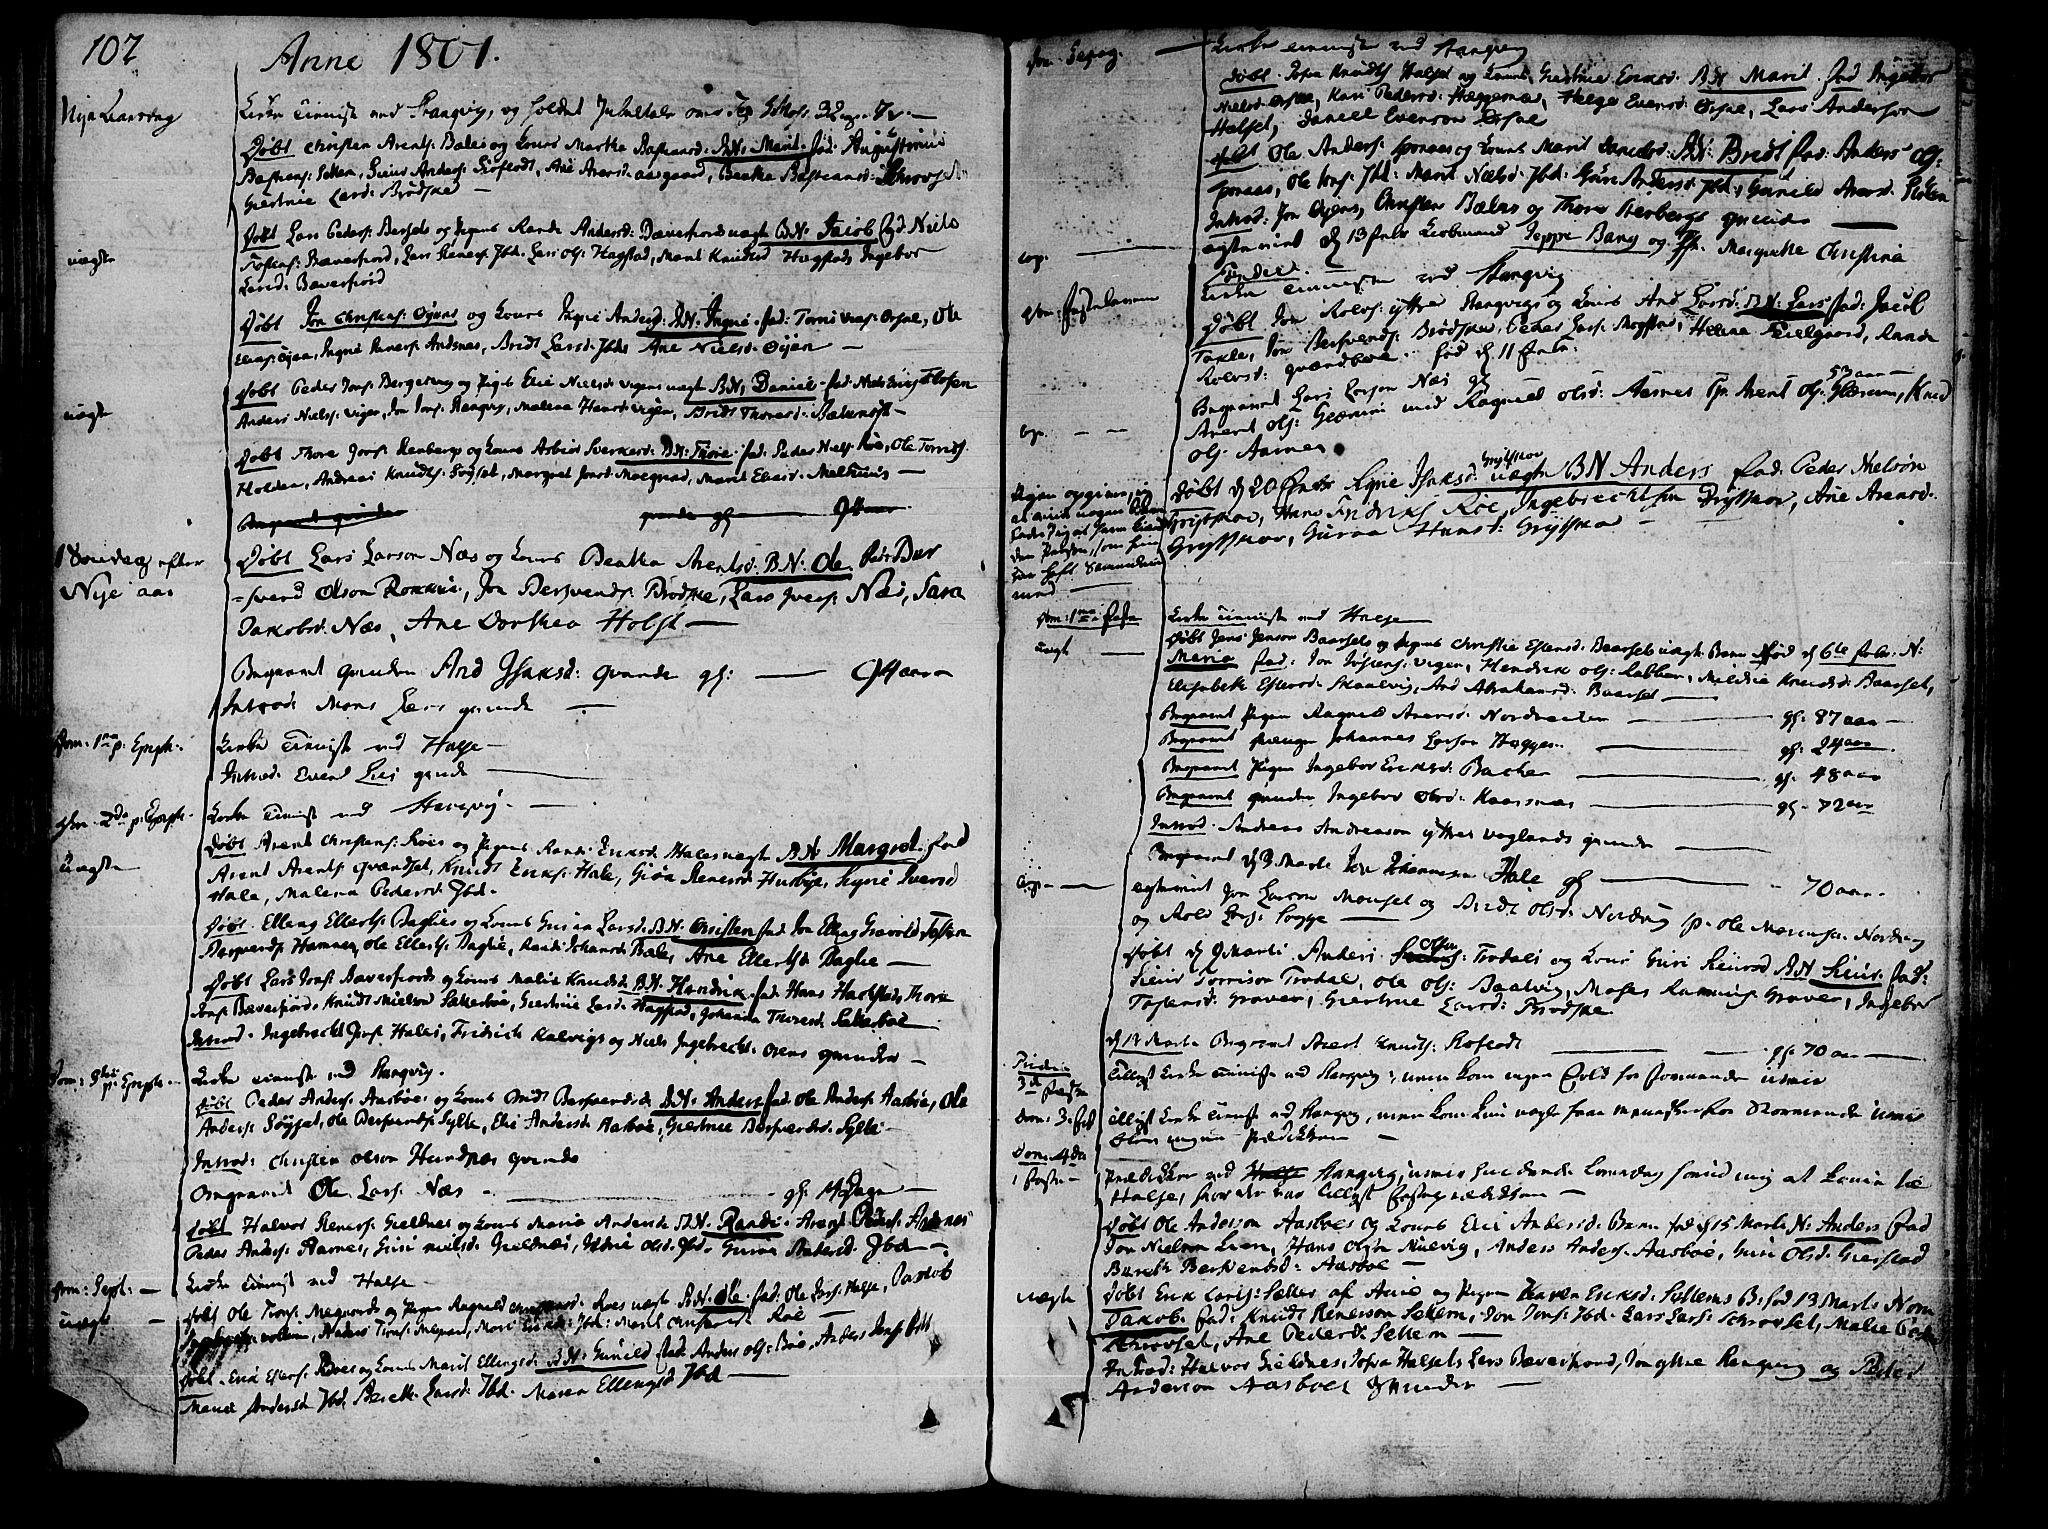 SAT, Ministerialprotokoller, klokkerbøker og fødselsregistre - Møre og Romsdal, 592/L1022: Ministerialbok nr. 592A01, 1784-1819, s. 102